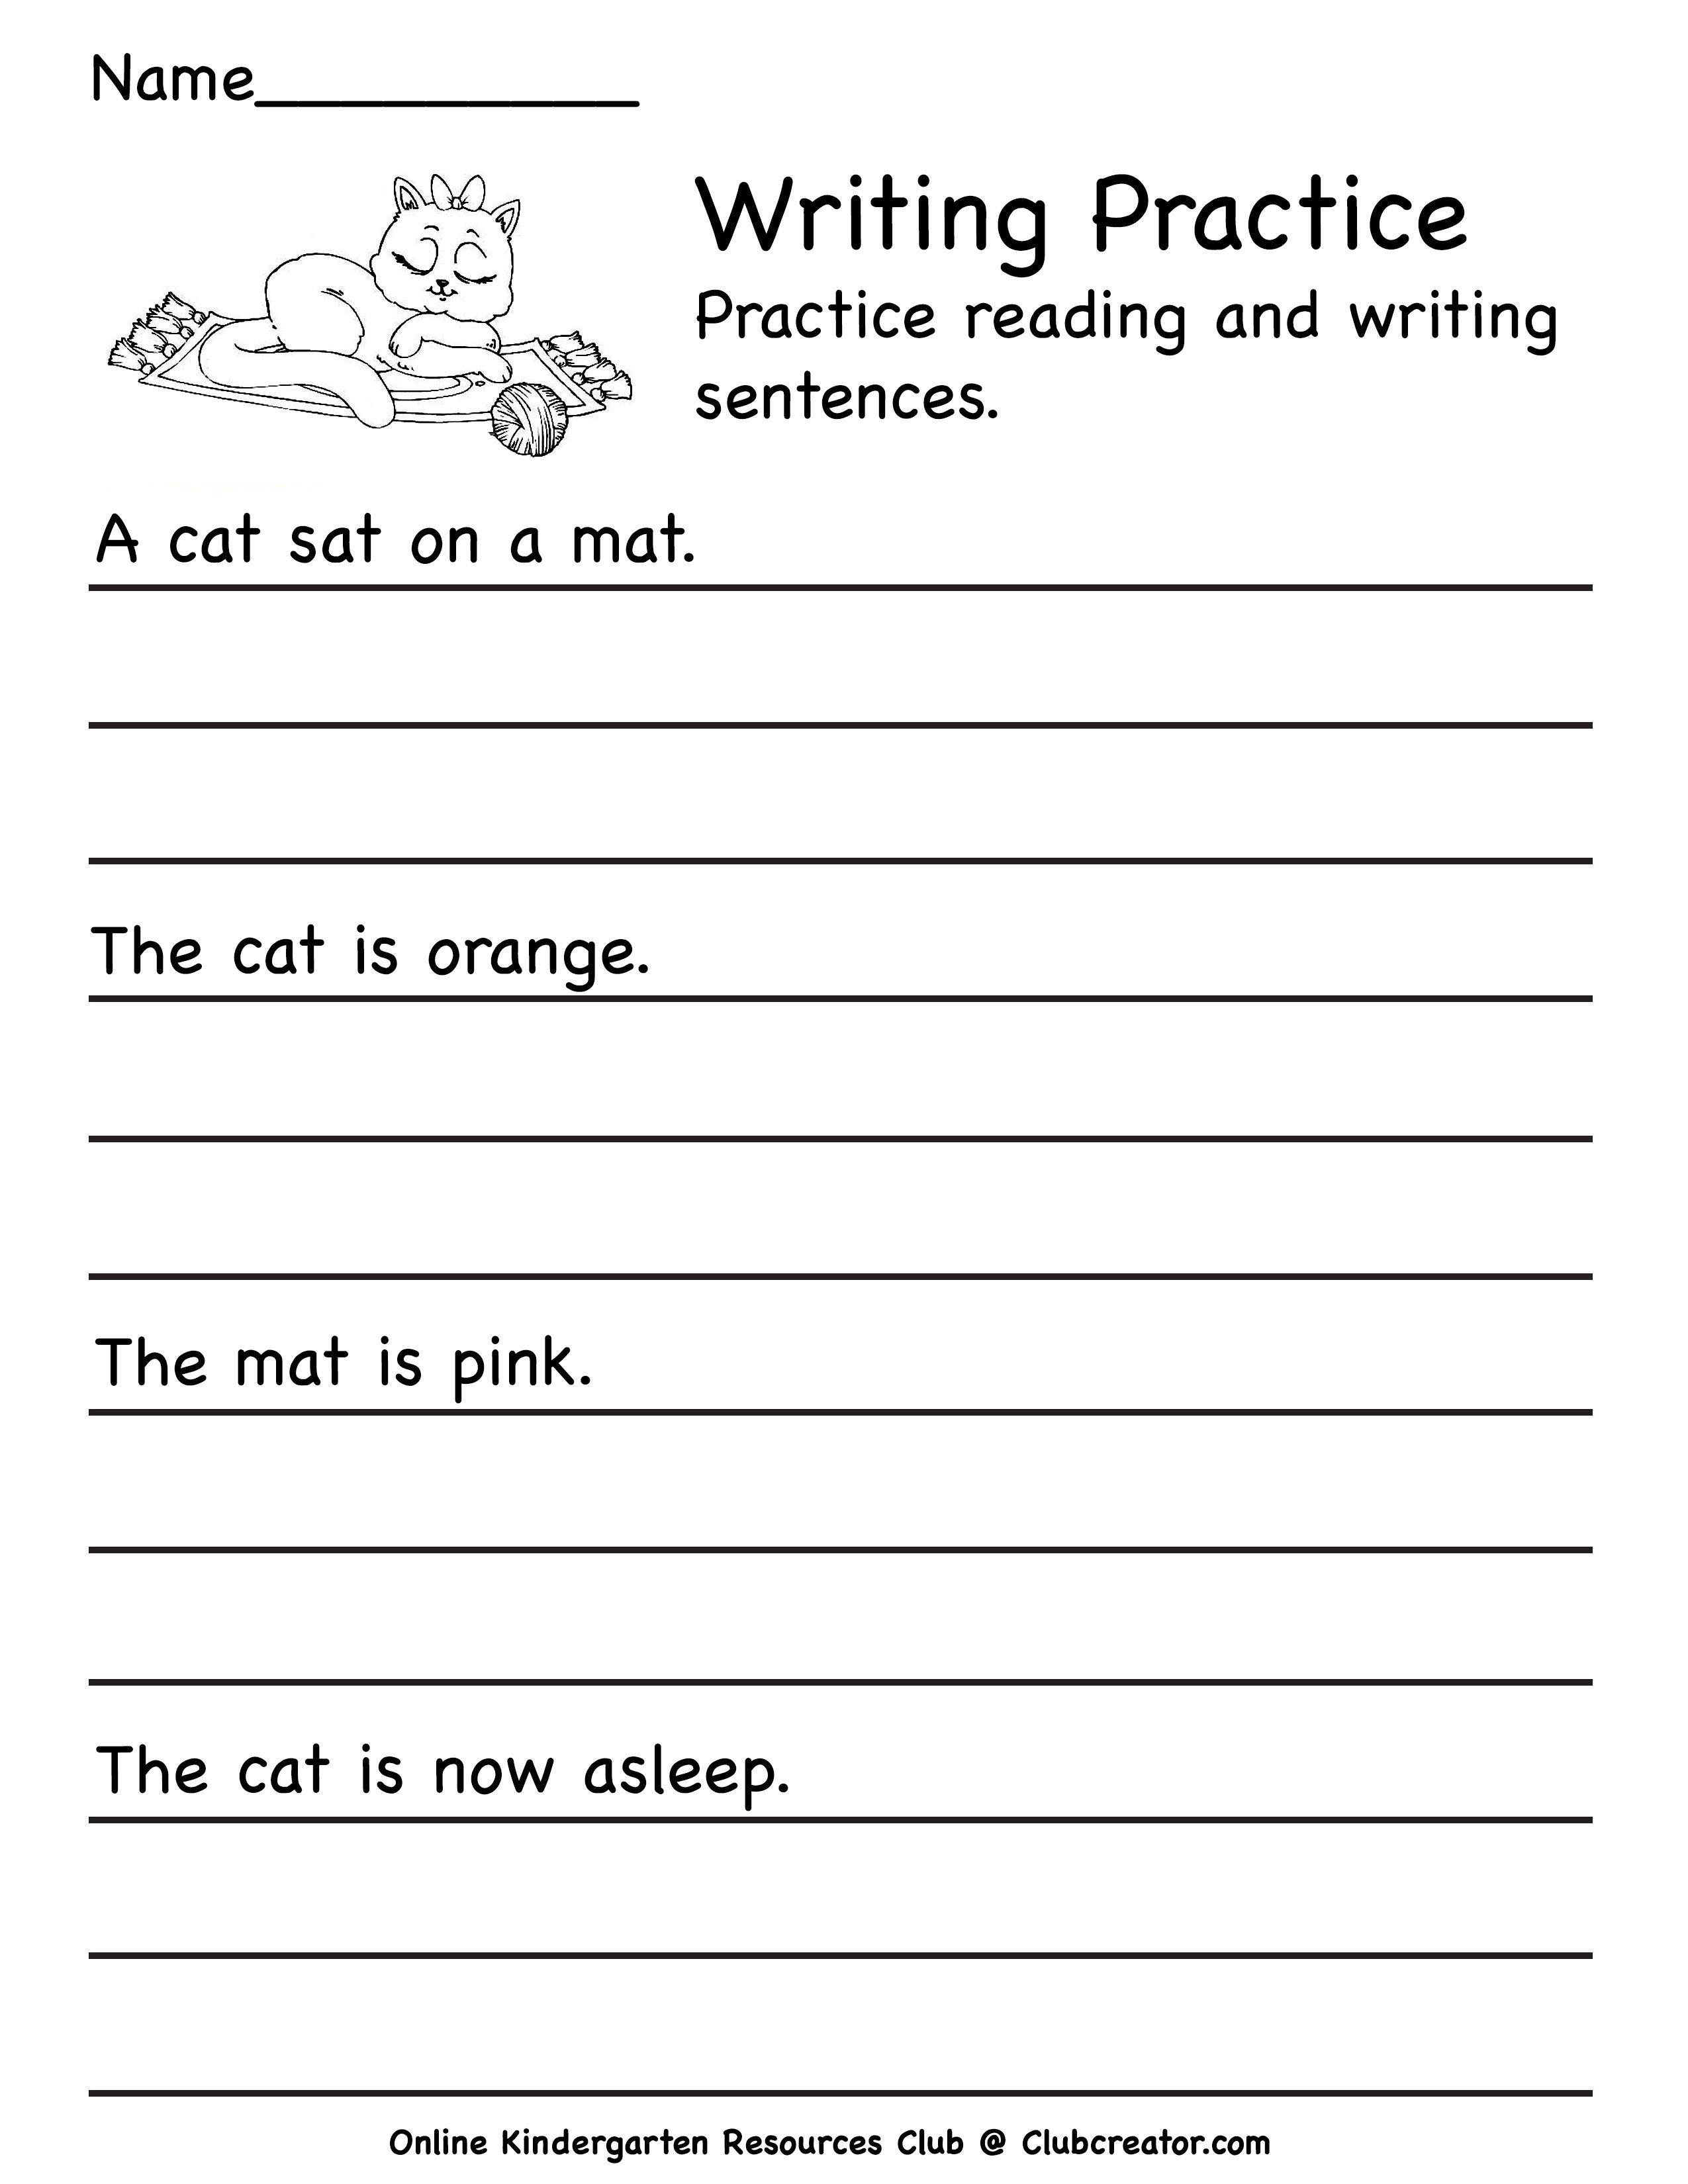 Kindergarten Writing Worksheet Writing Practice Worksheets Online Kindergarten Homeschool Worksheets [ 3300 x 2550 Pixel ]